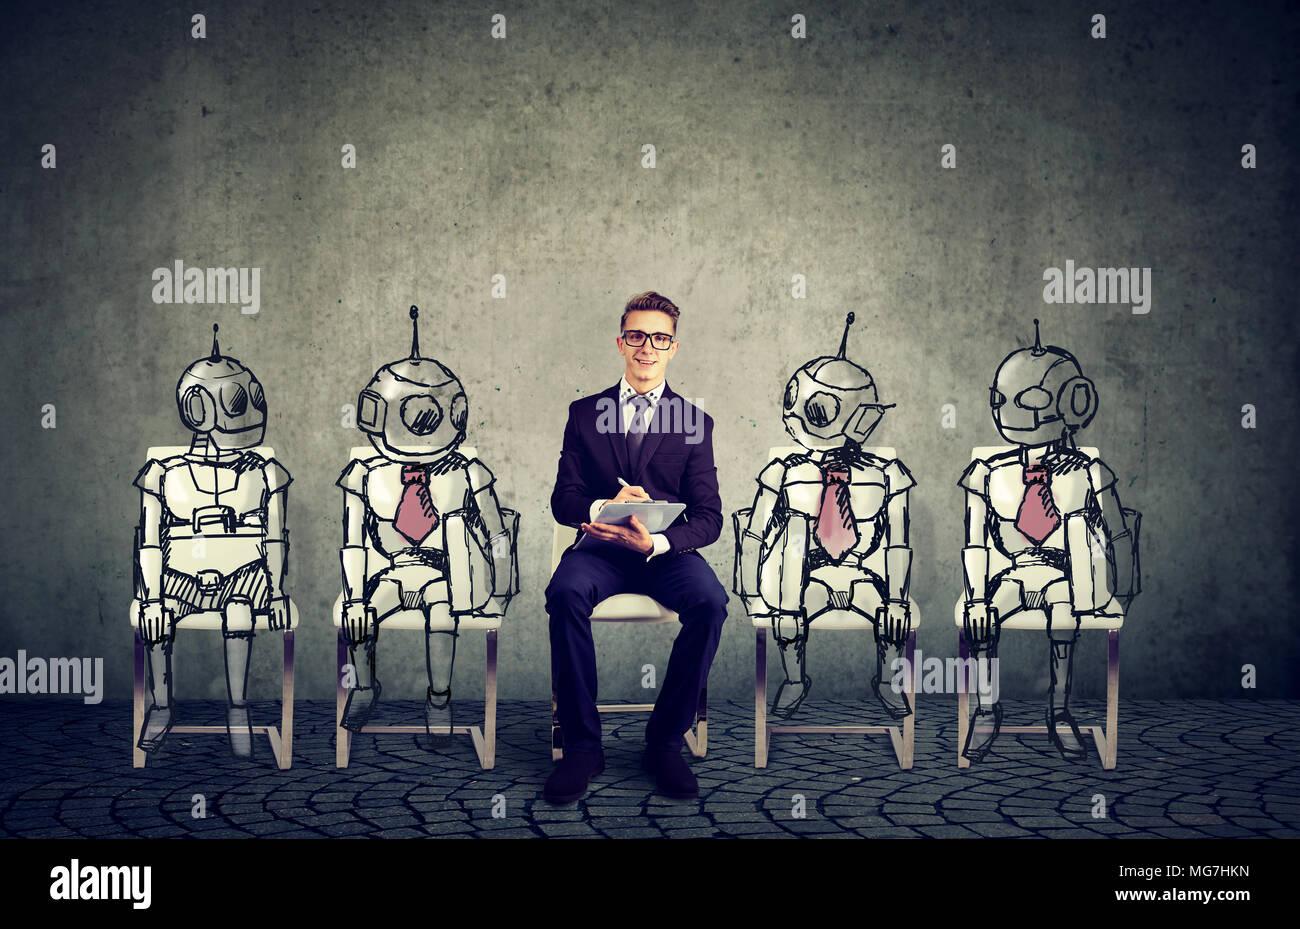 Human Vs Robots Konzept. Unternehmen Bewerber konkurrieren mit künstlicher Intelligenz Stockbild